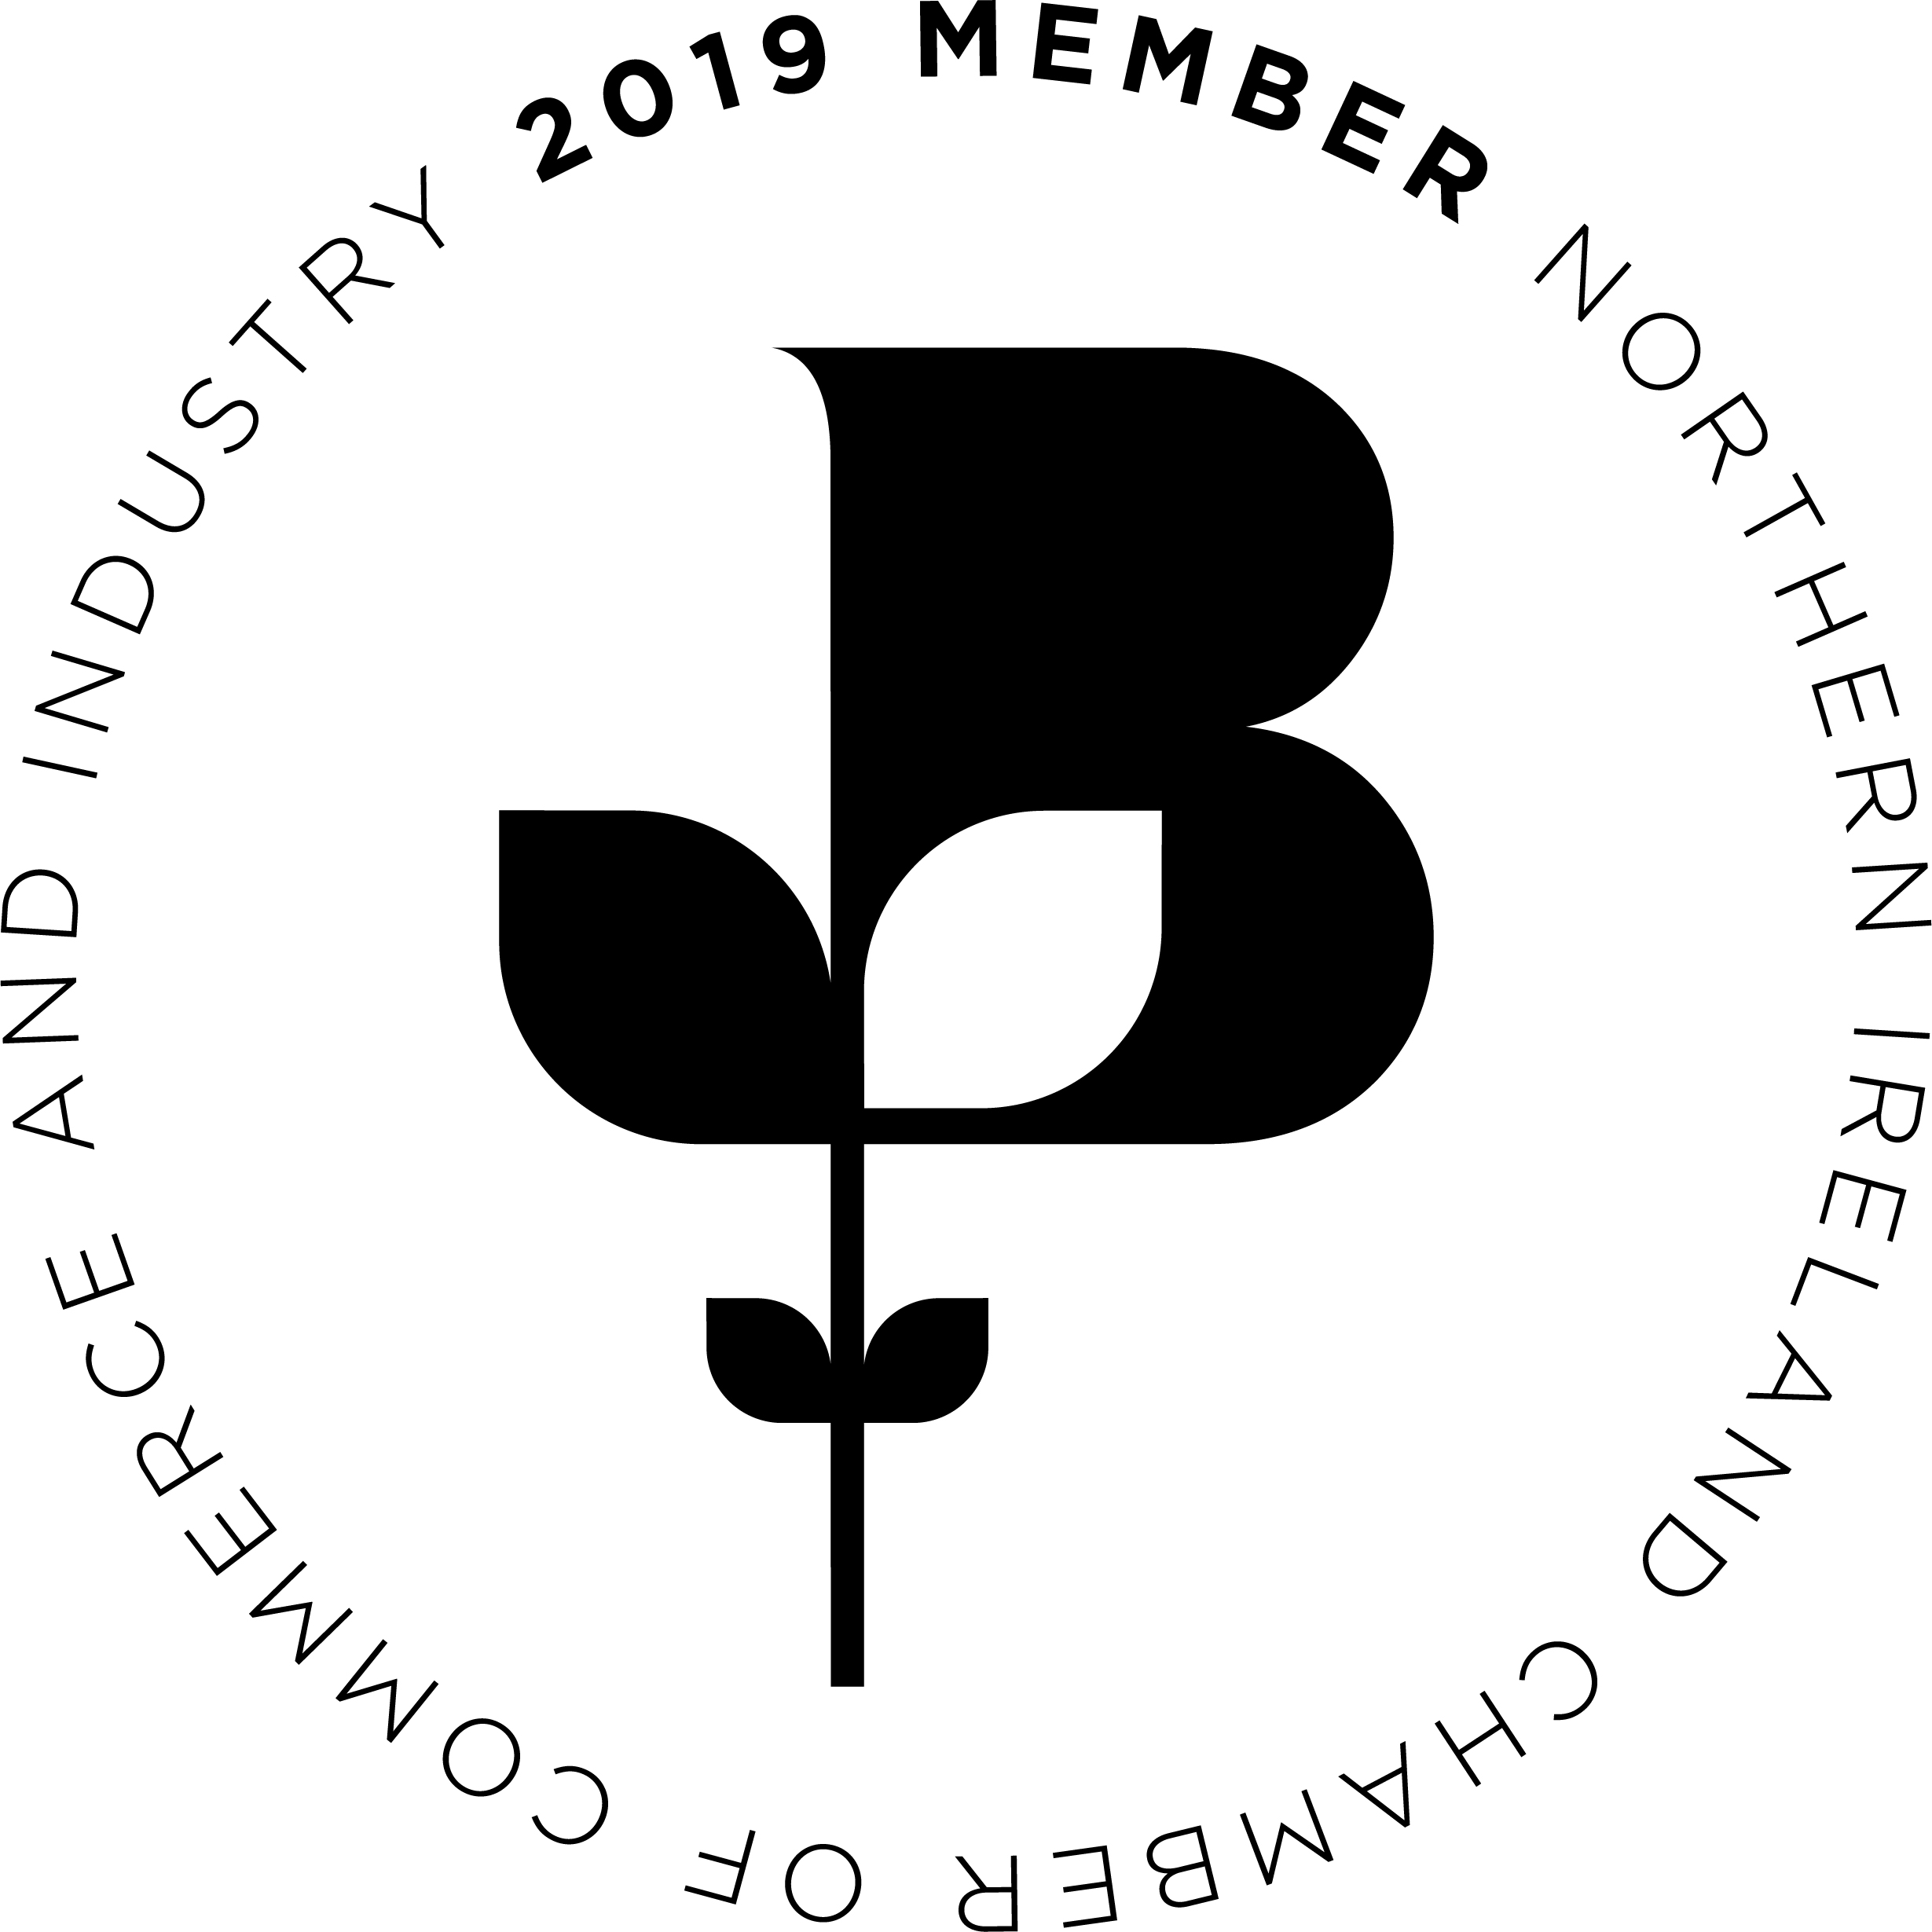 Chambers - 2019 Member Logo.jpg